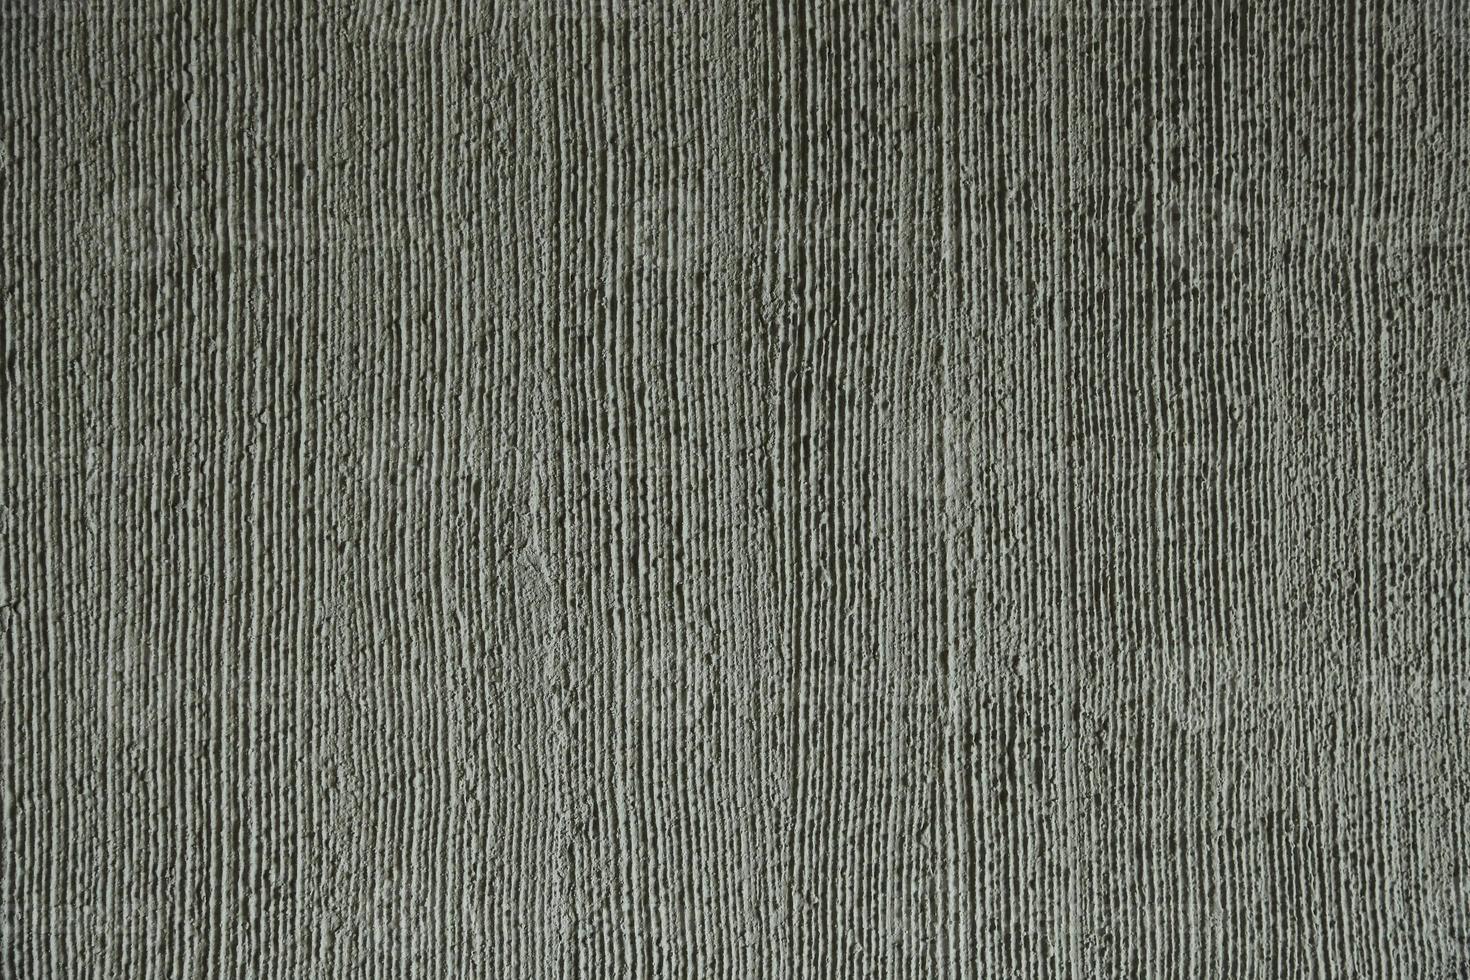 texturerat grunge vägg bakgrund foto